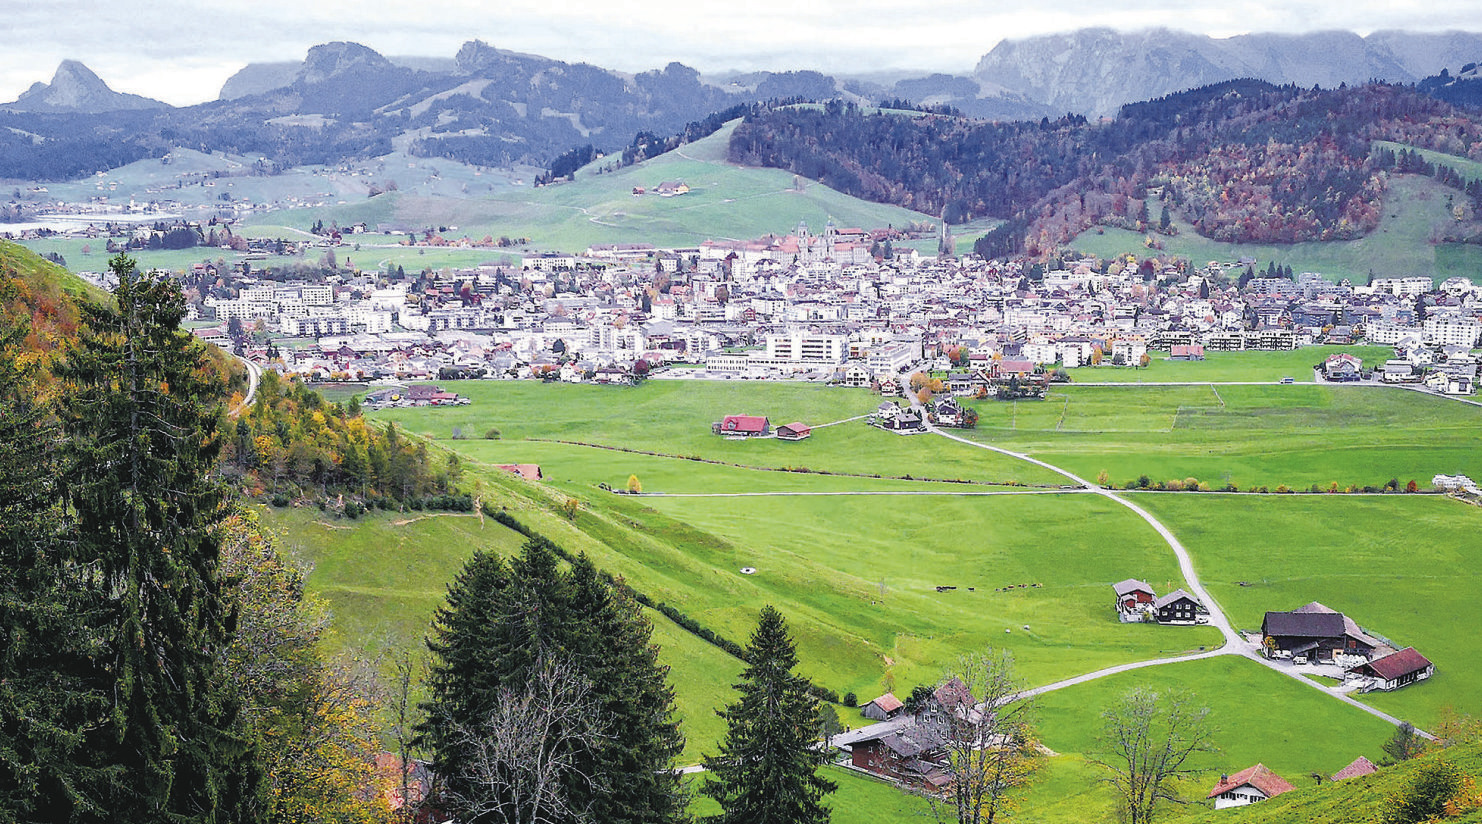 Einsiedeln wächst stärker  als der Kanton Schwyz